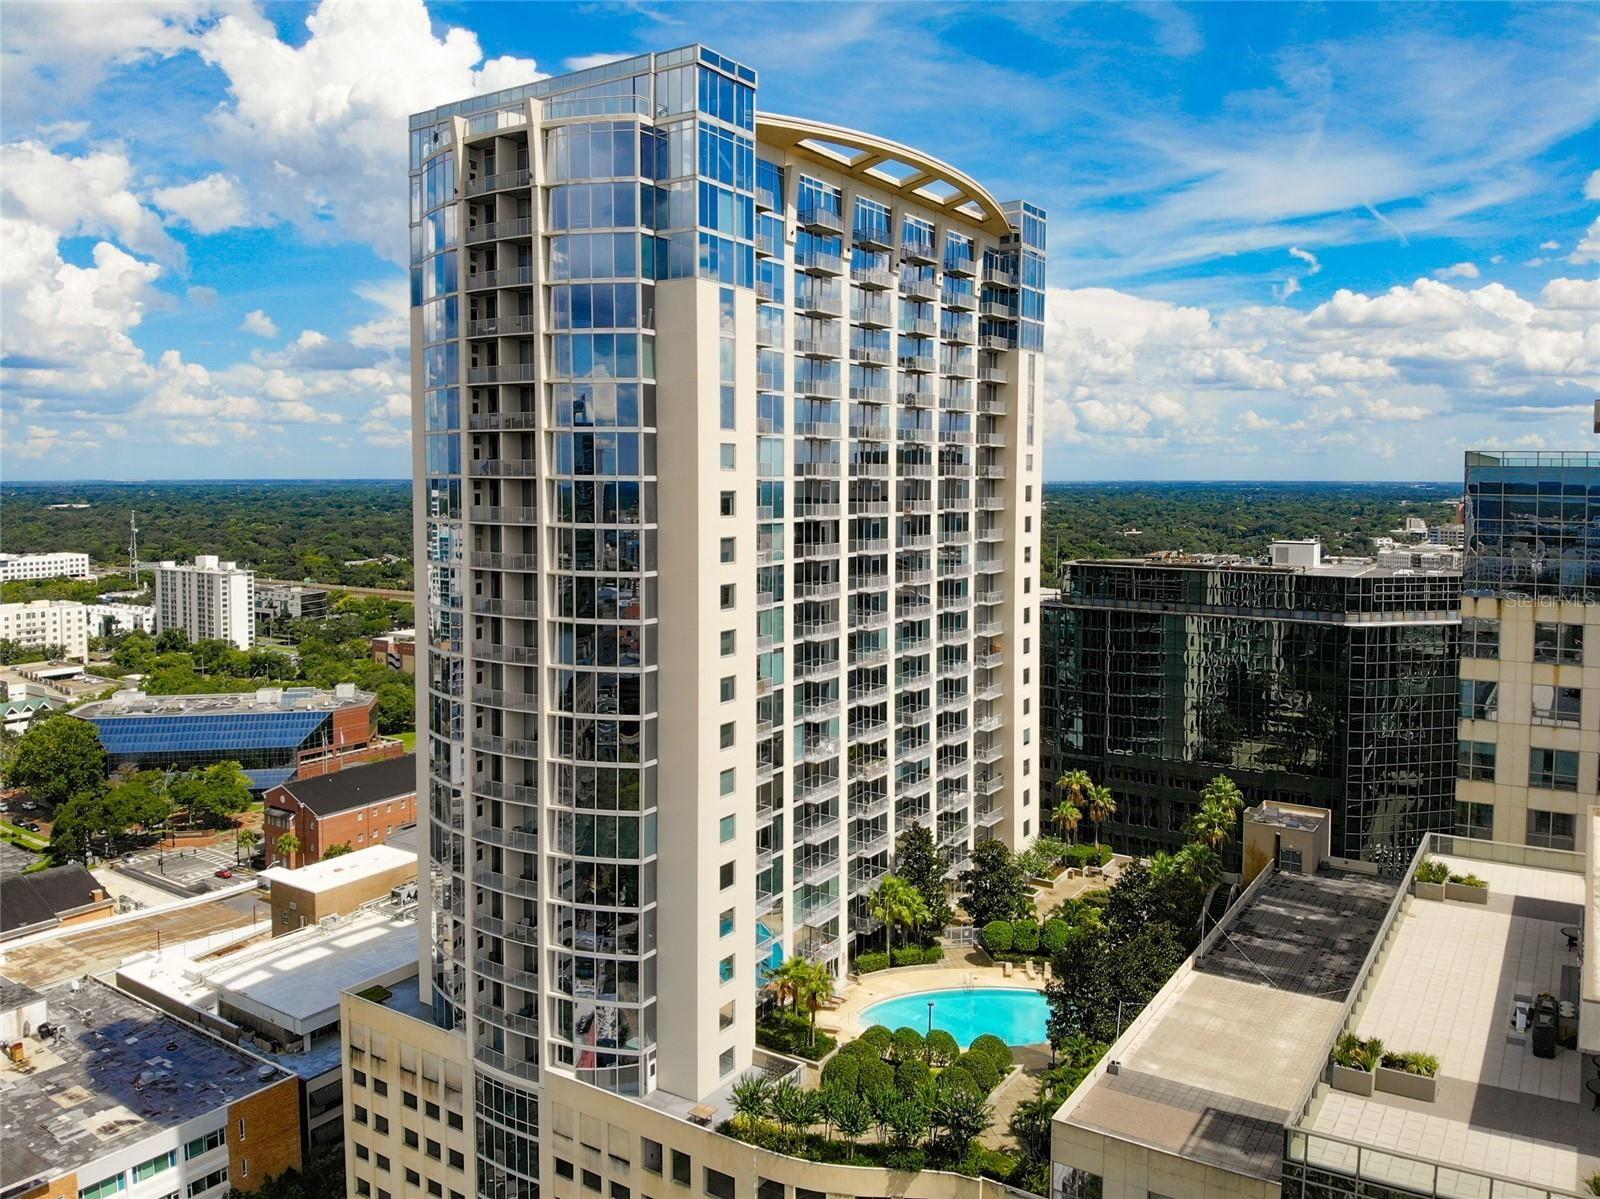 155 S COURT AVENUE #1104, Orlando, FL 32801 - #: O5958510